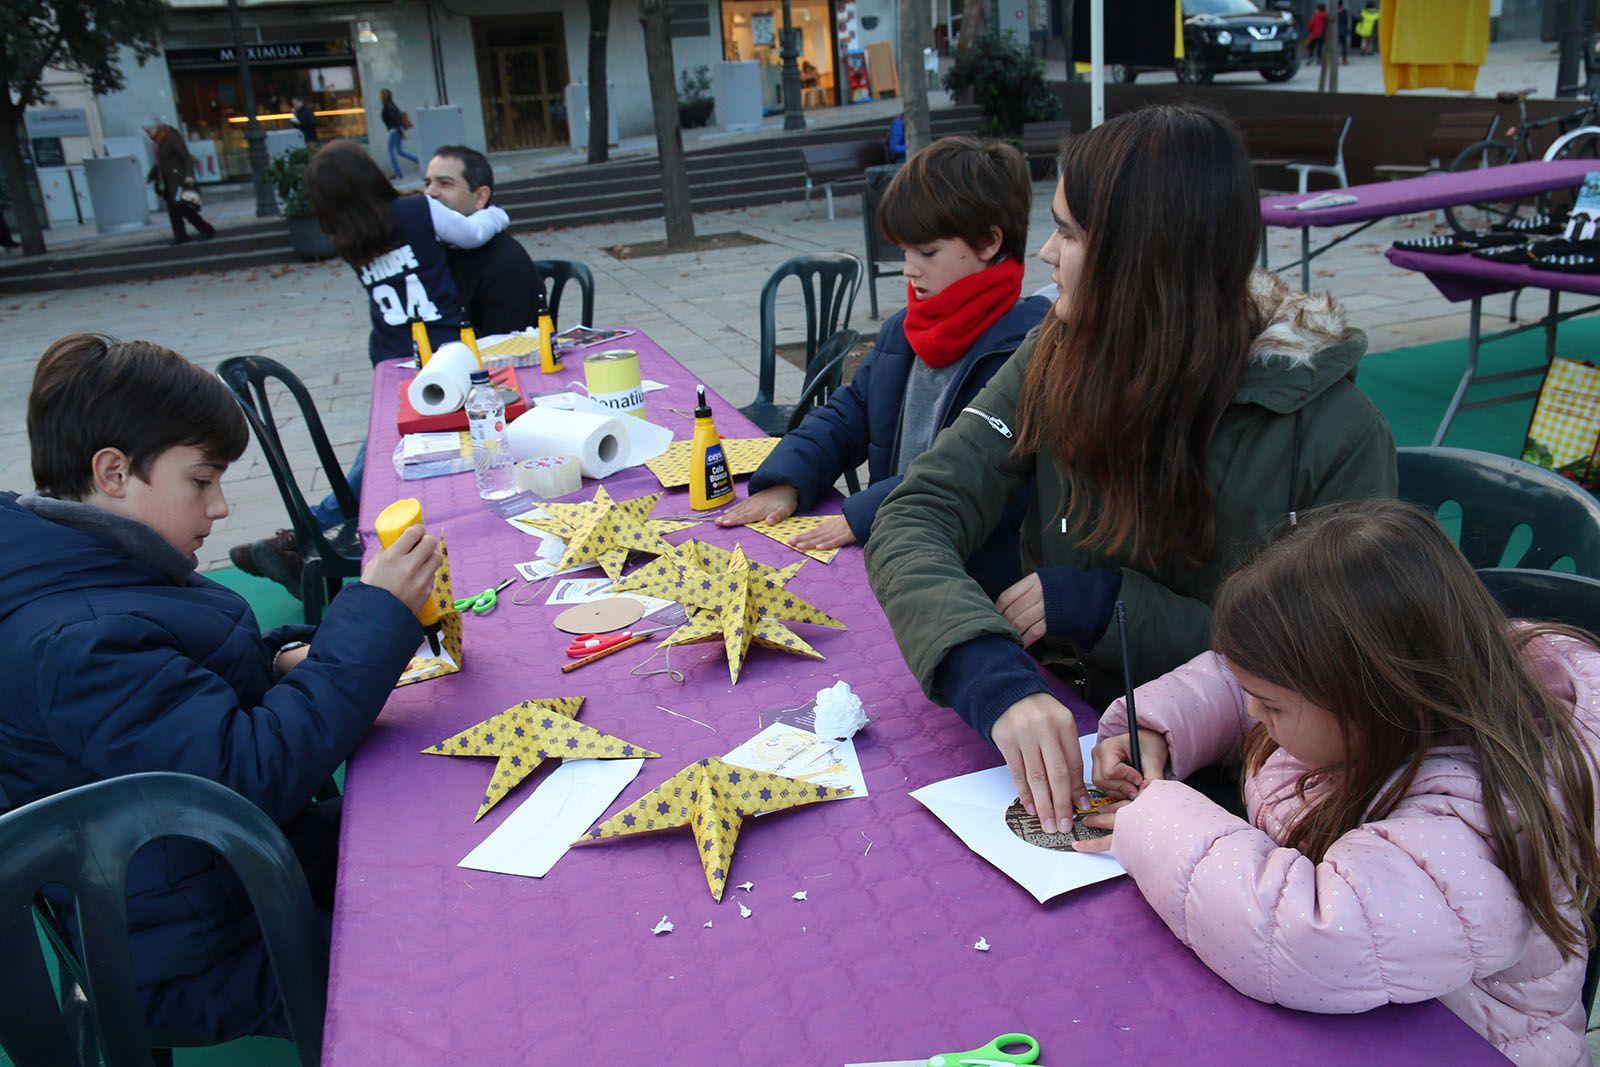 Estels per la llibertat en suport a Raül Romeva. Foto: Lali Álvarez